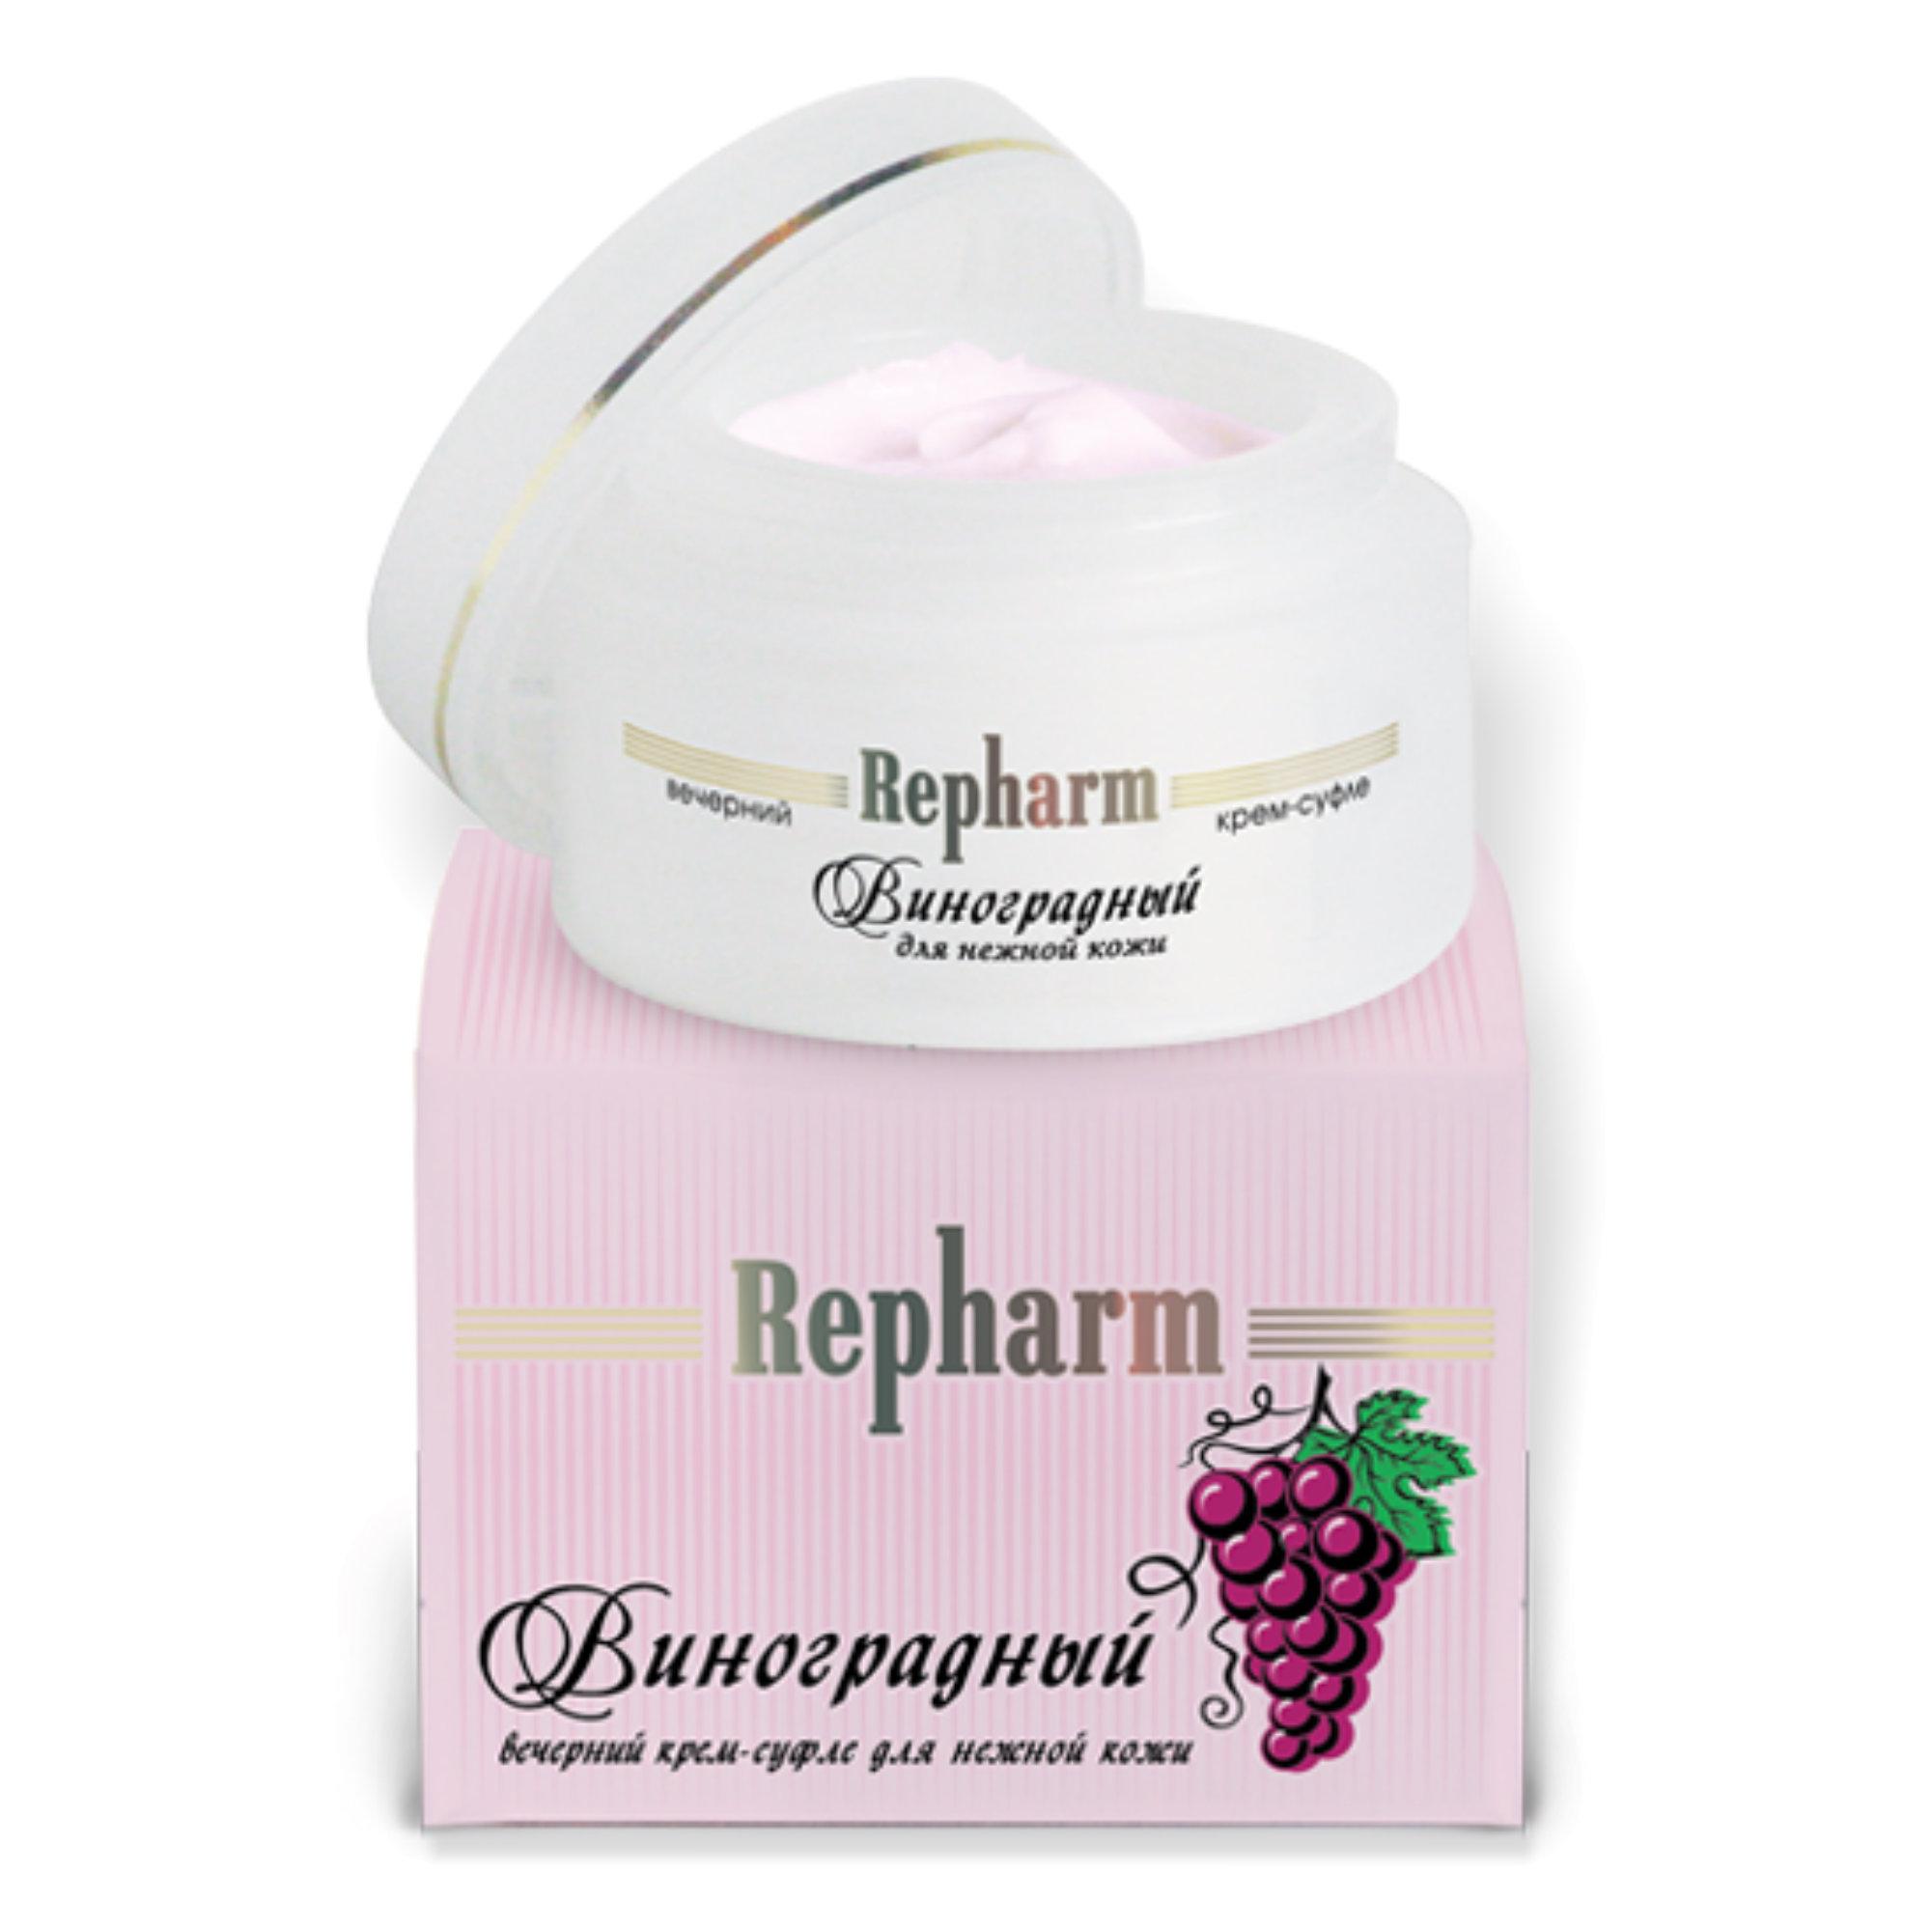 РЕФАРМ Вечерний крем-суфле для нежной кожи ВИНОГРАДНЫЙ / Repharm 50мл~